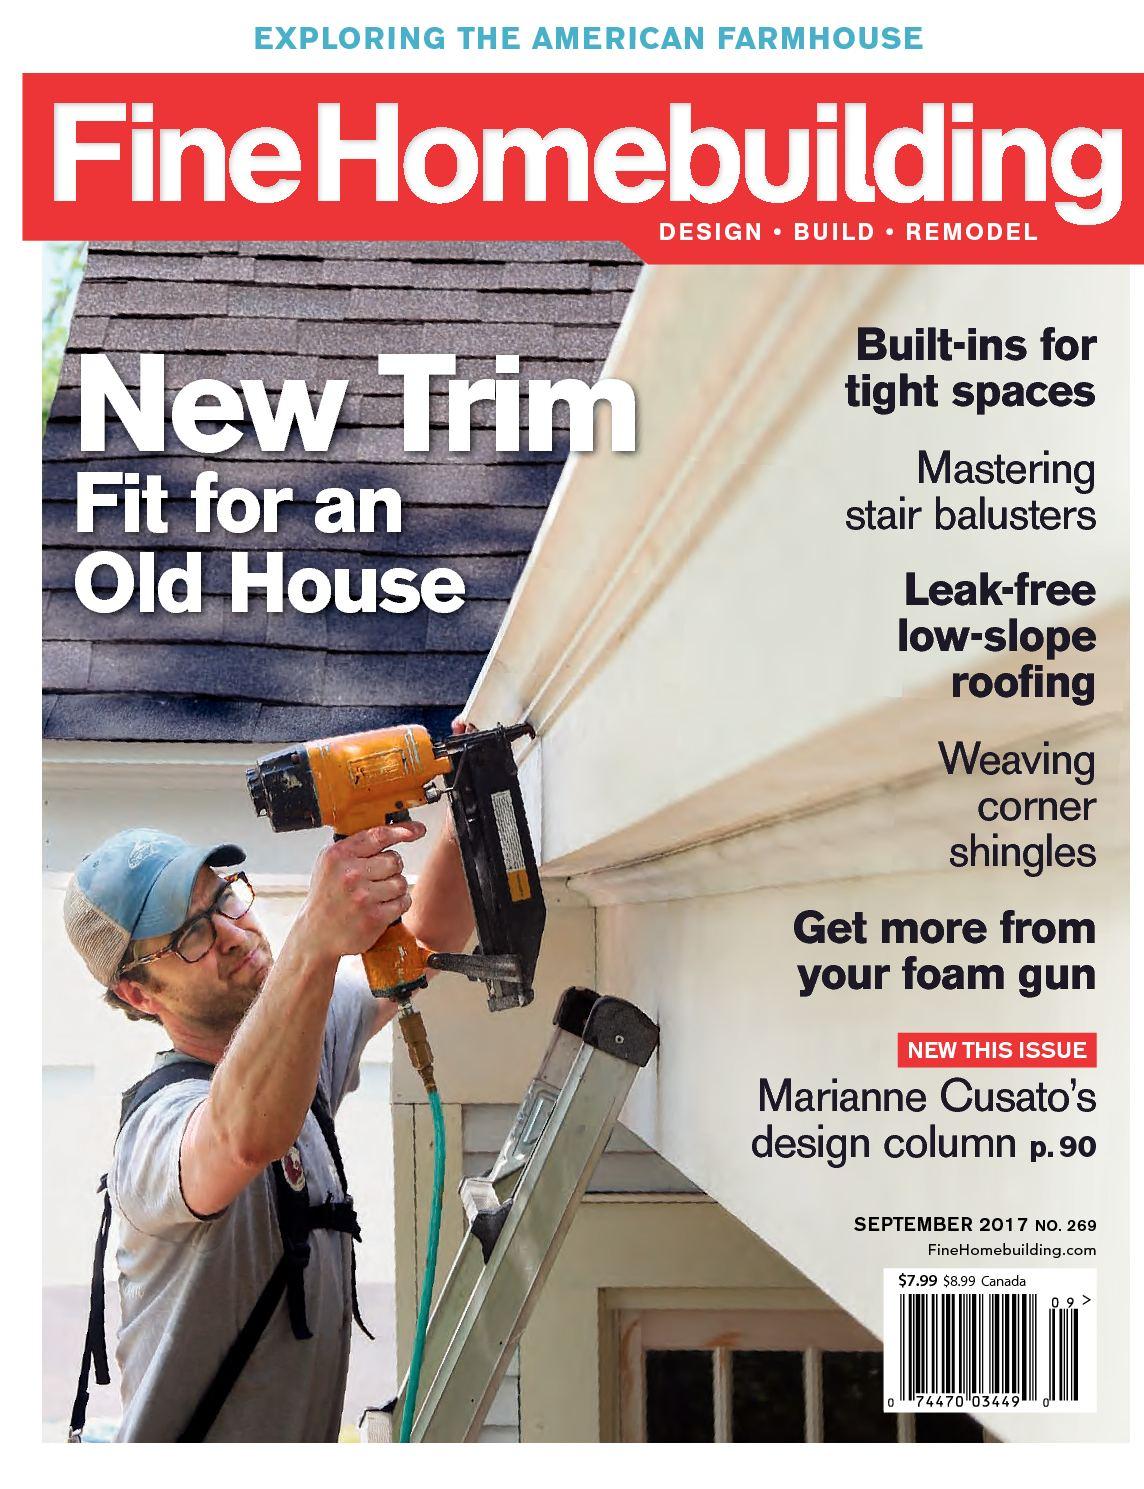 Calam o fine homebuilding 269 preview for Fine homebuilding